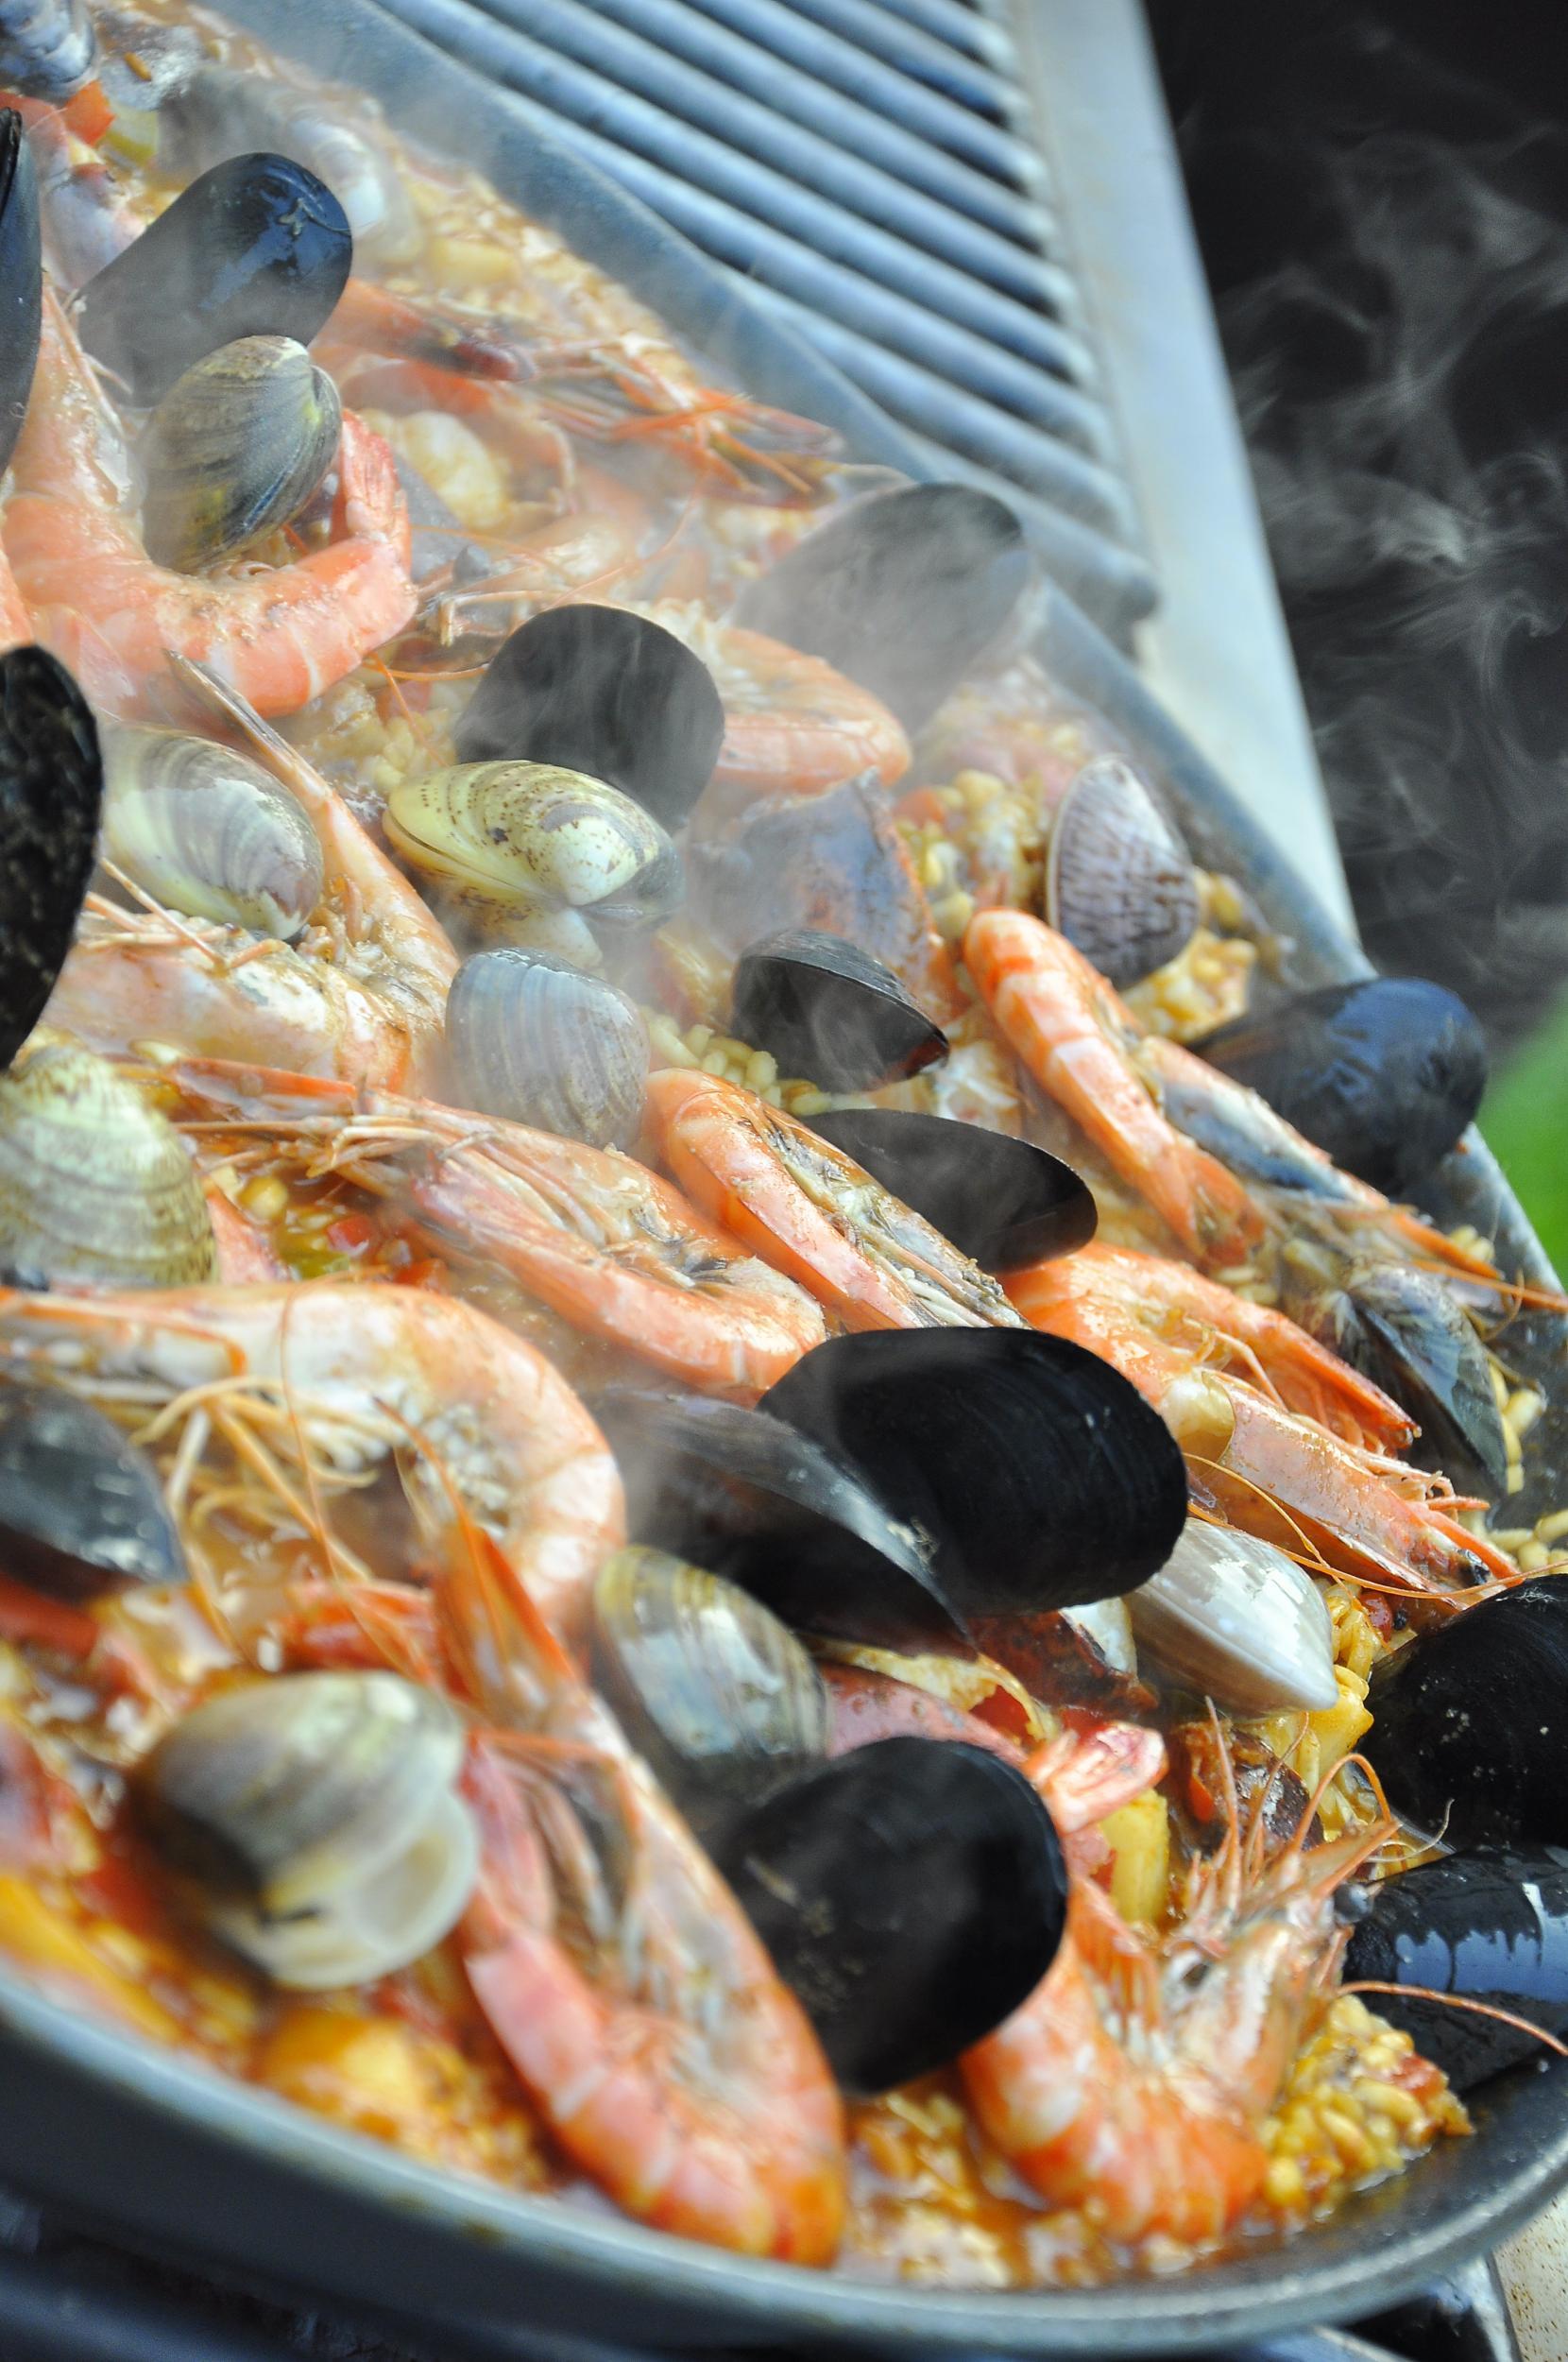 情迷西班牙·万丽天津宾馆西班牙美食节